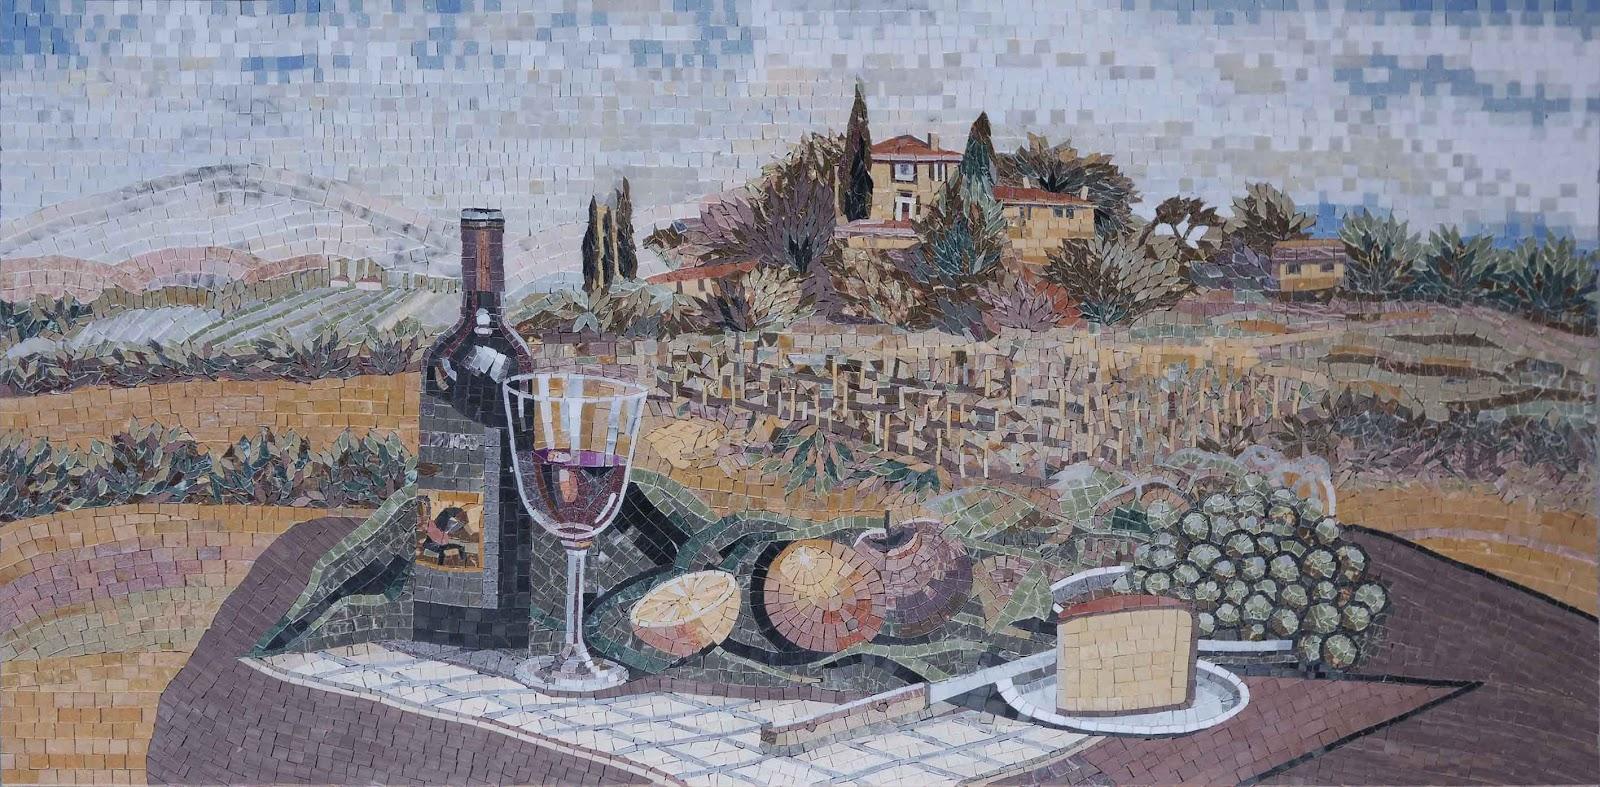 Vino e Frutta All'aperto Mosaic Mural by Mozaico